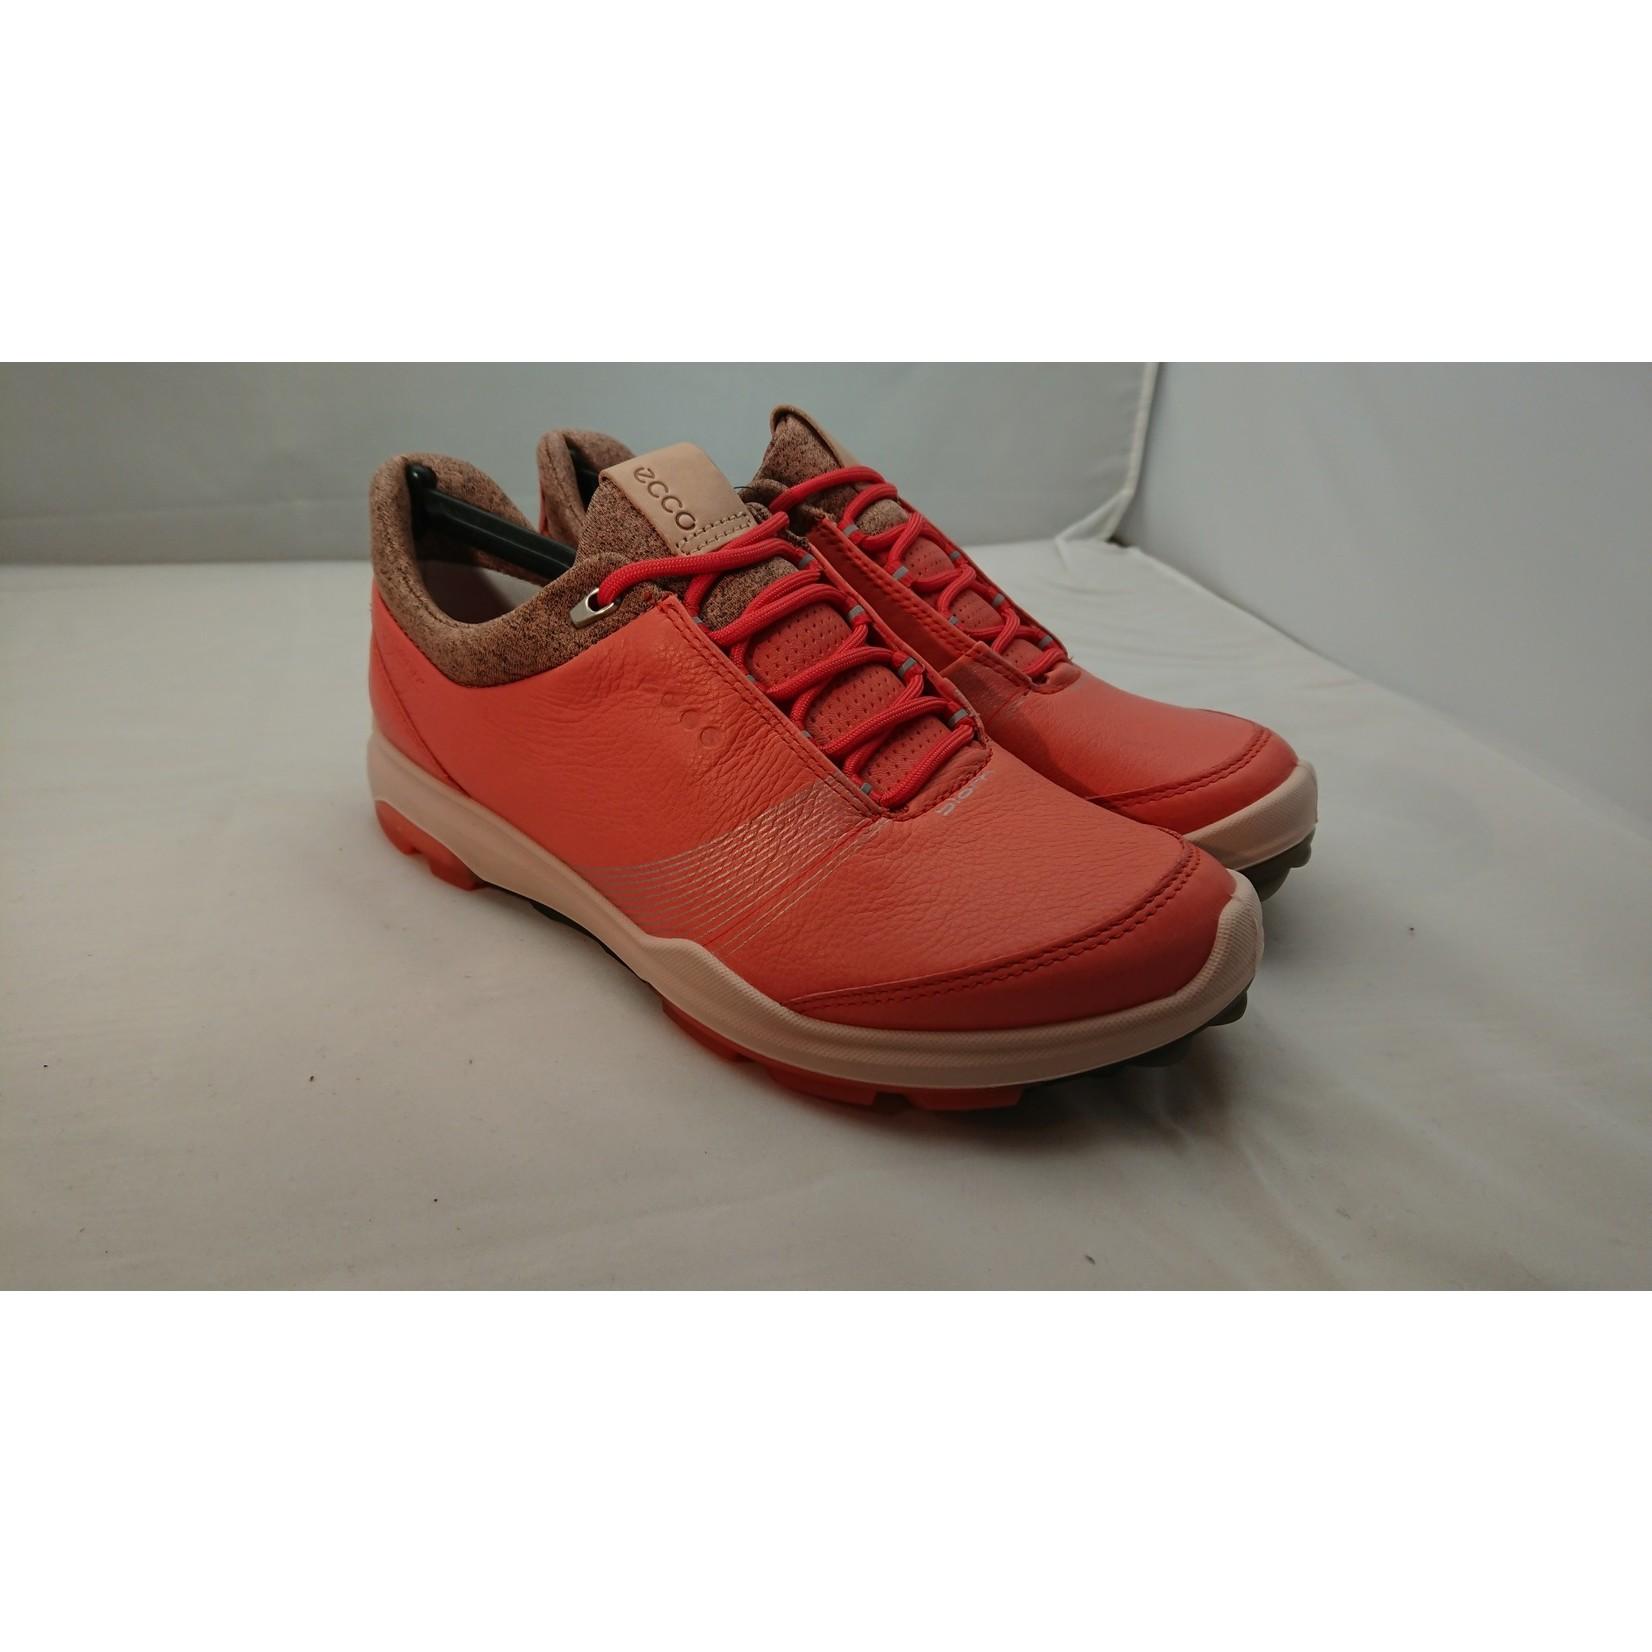 Ecco Ecco W Golf Biom Hybrid 3 Coral 36